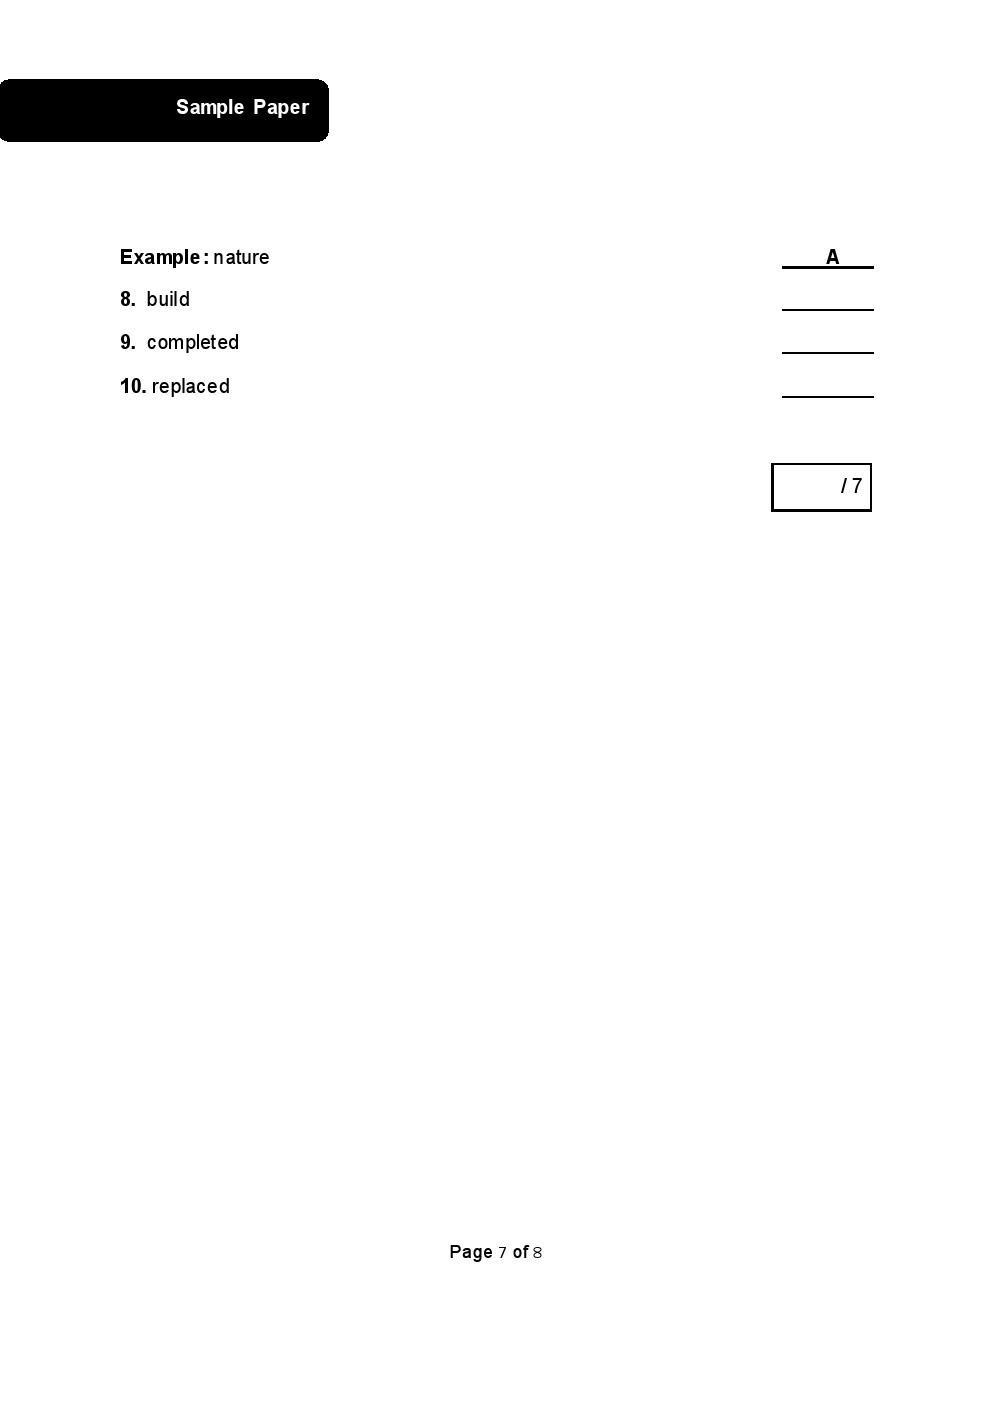 بالصور نموذج امتحان اللغة الانجليزية